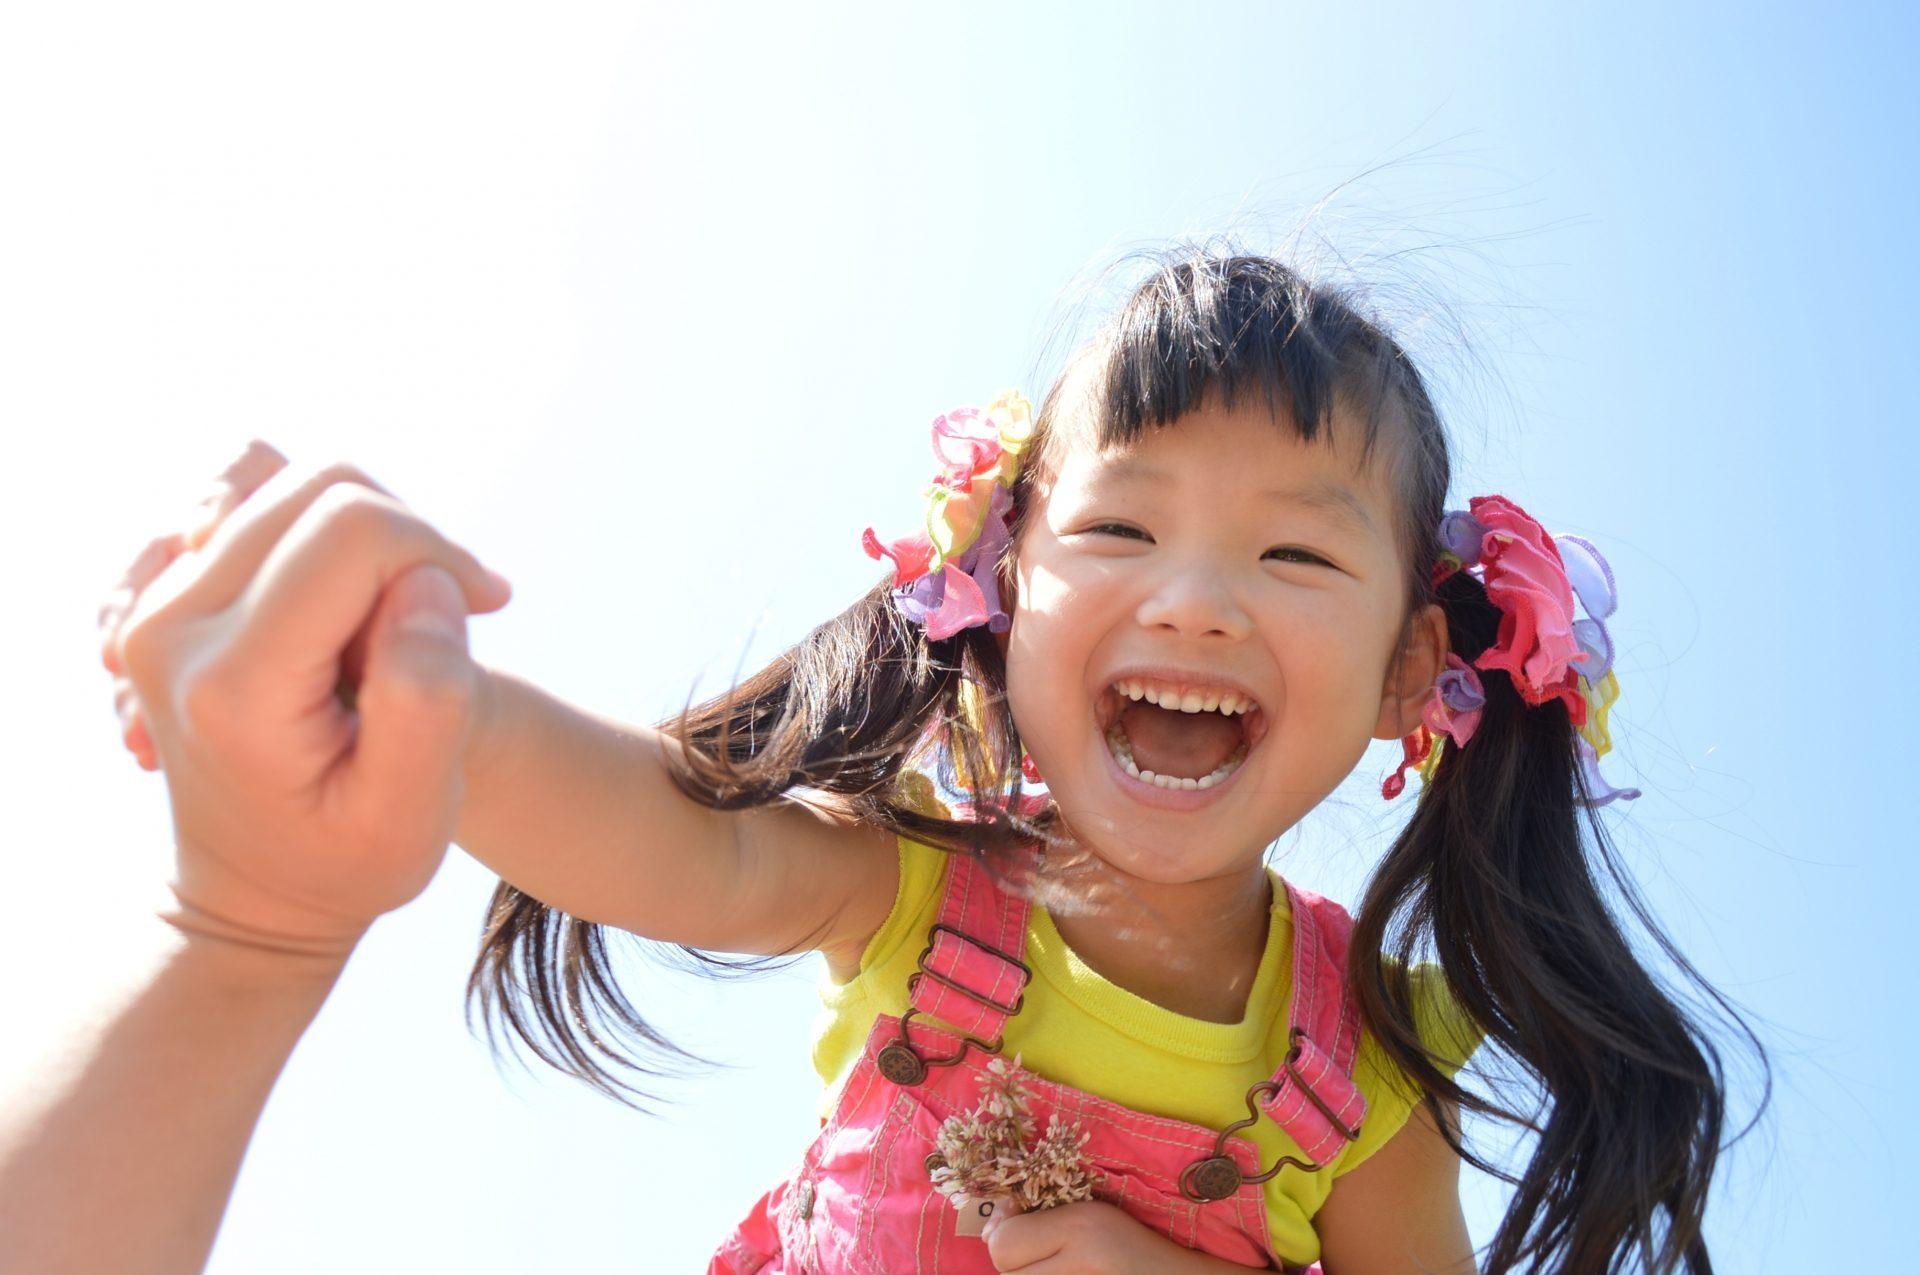 親子の関係性・可能性を高めるために必要なこと